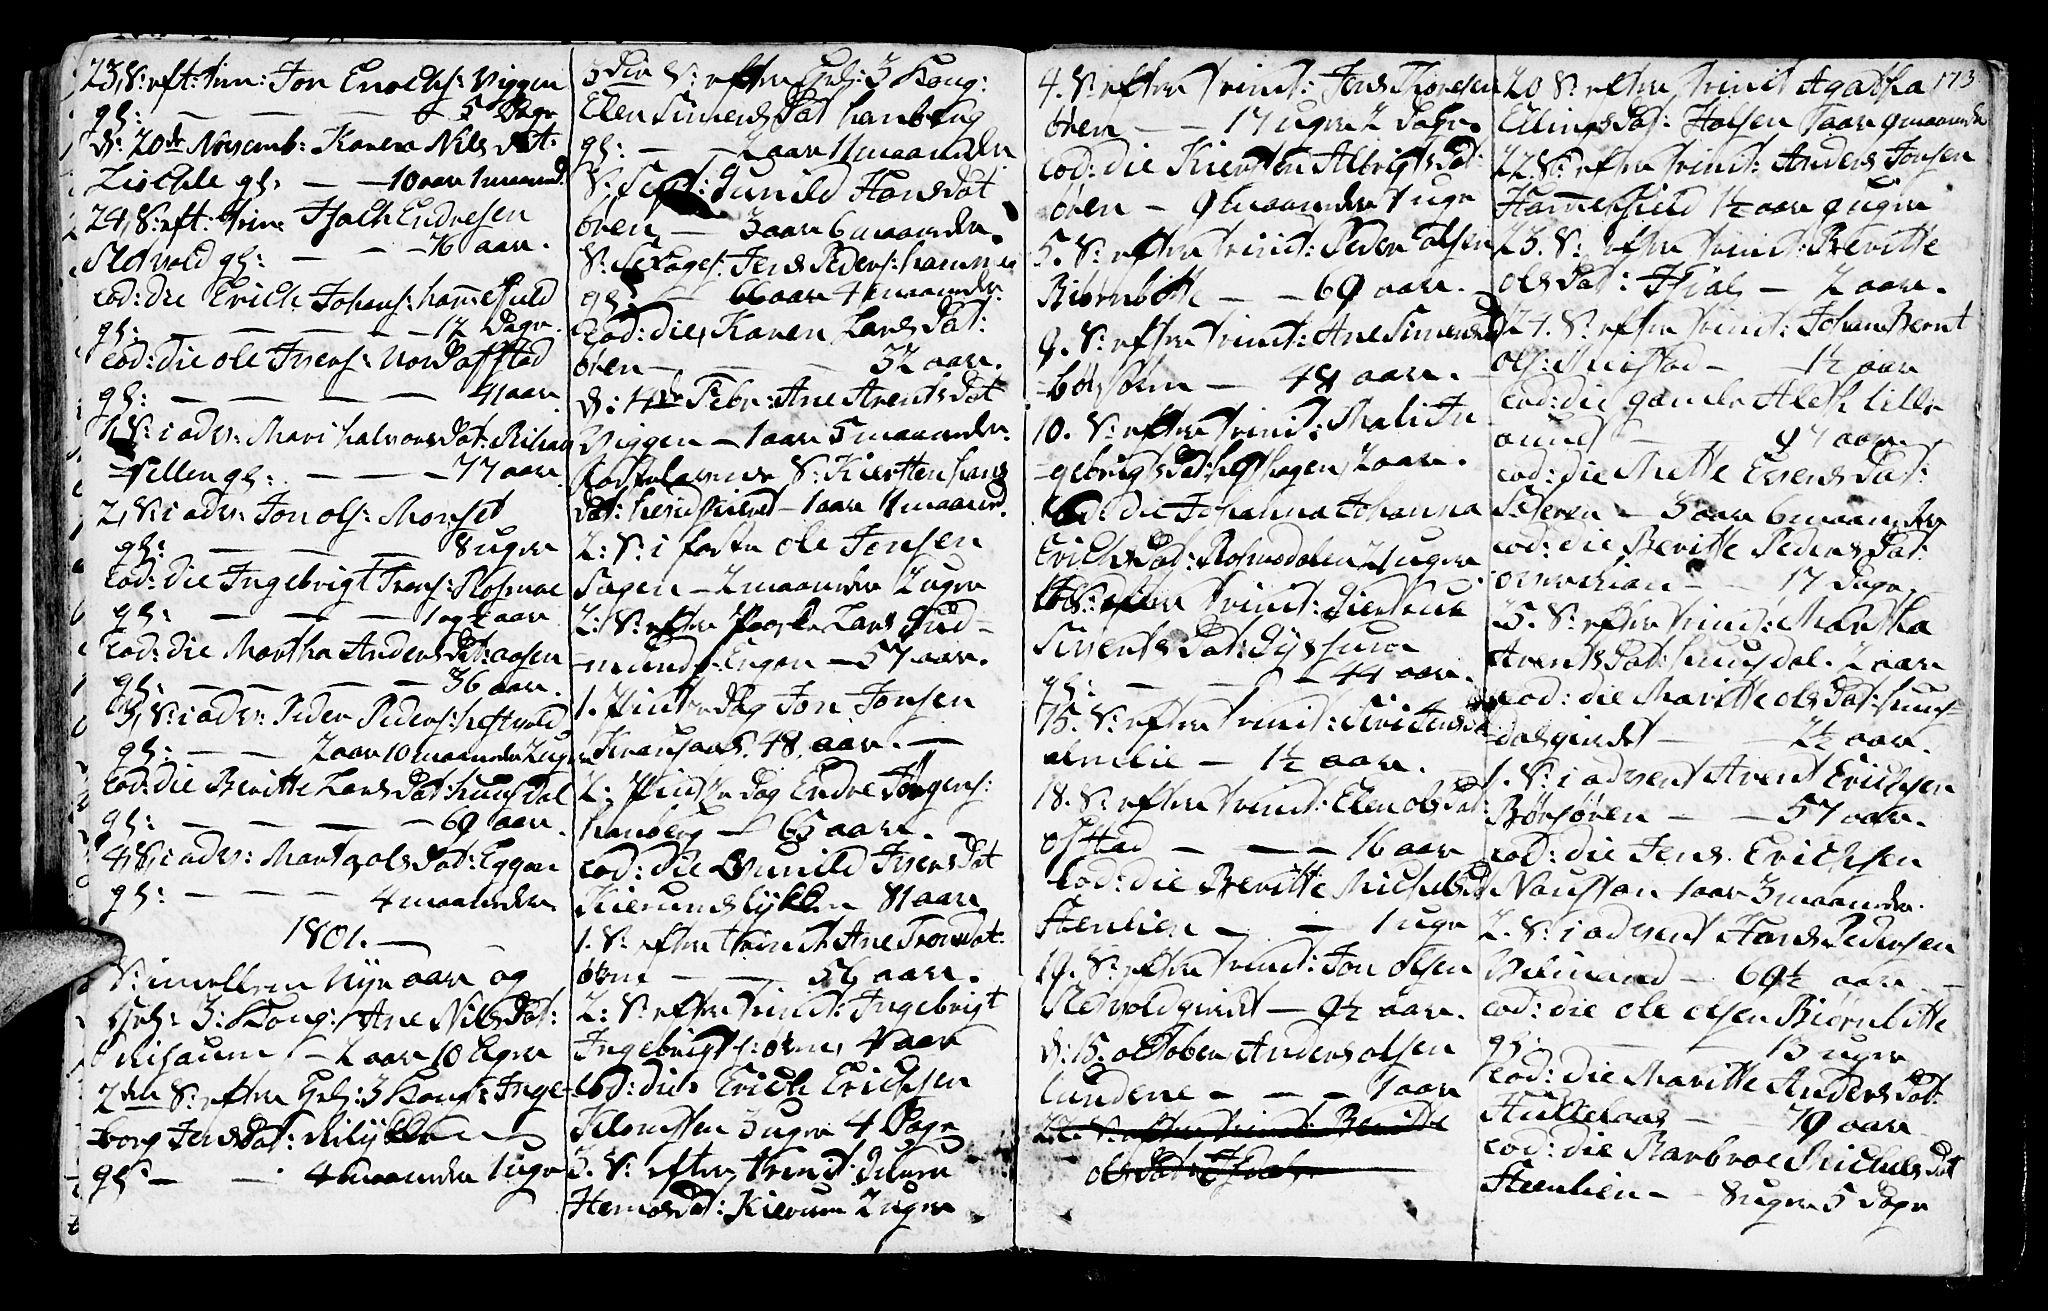 SAT, Ministerialprotokoller, klokkerbøker og fødselsregistre - Sør-Trøndelag, 665/L0768: Ministerialbok nr. 665A03, 1754-1803, s. 173